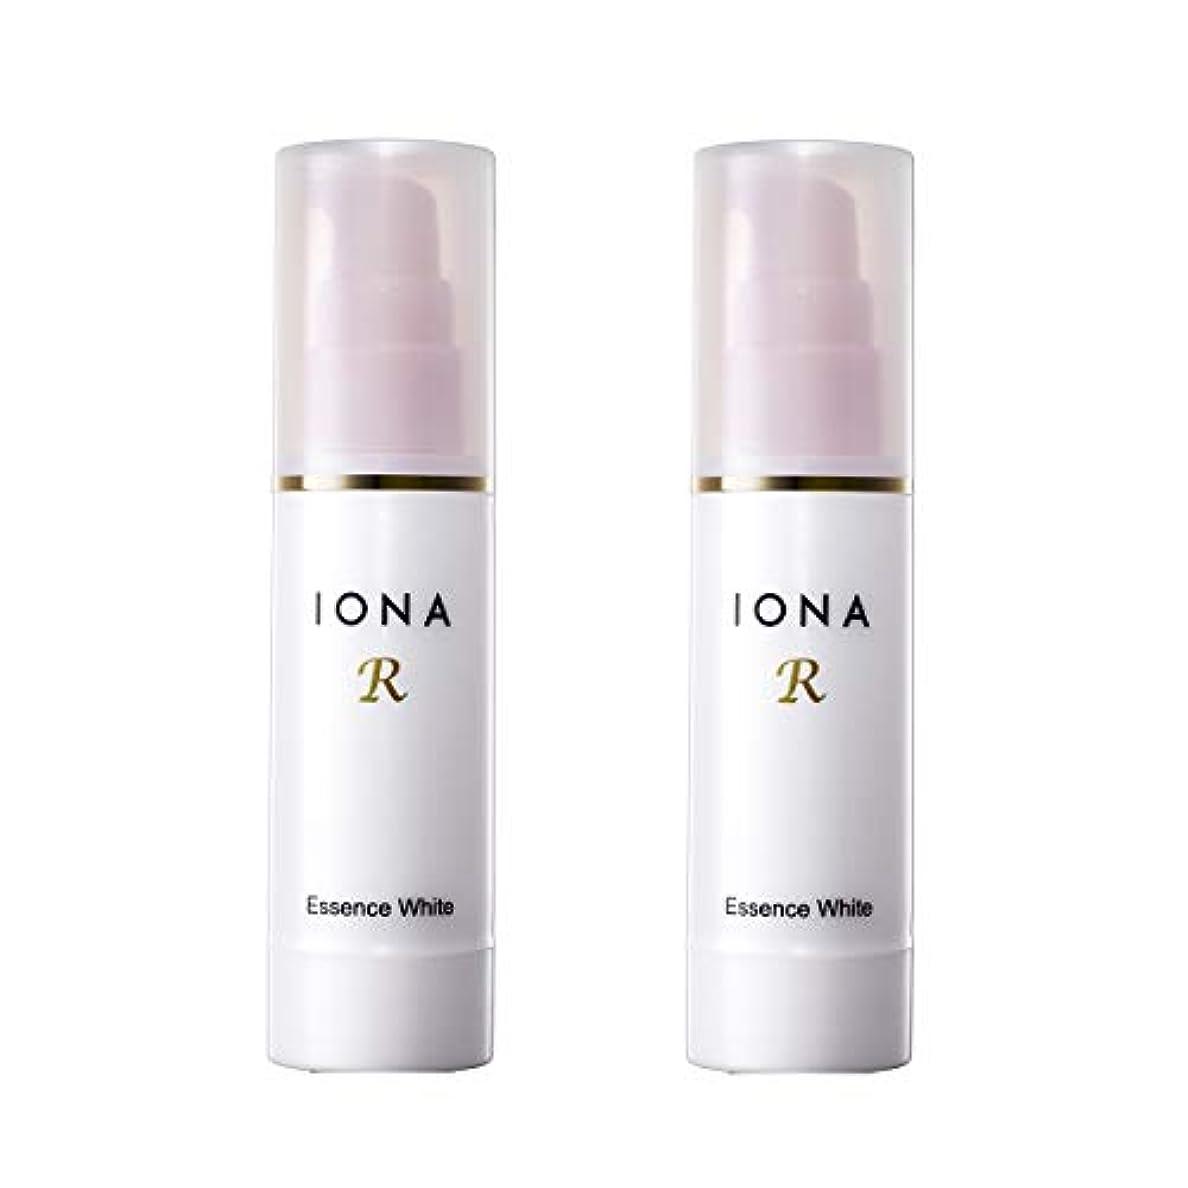 イオナR エッセンスホワイト 美容液 2個セット 【通常価格より20%OFF】高機能ビタミンC配合美容液 IONA R イオナアール イオナのビタミンC